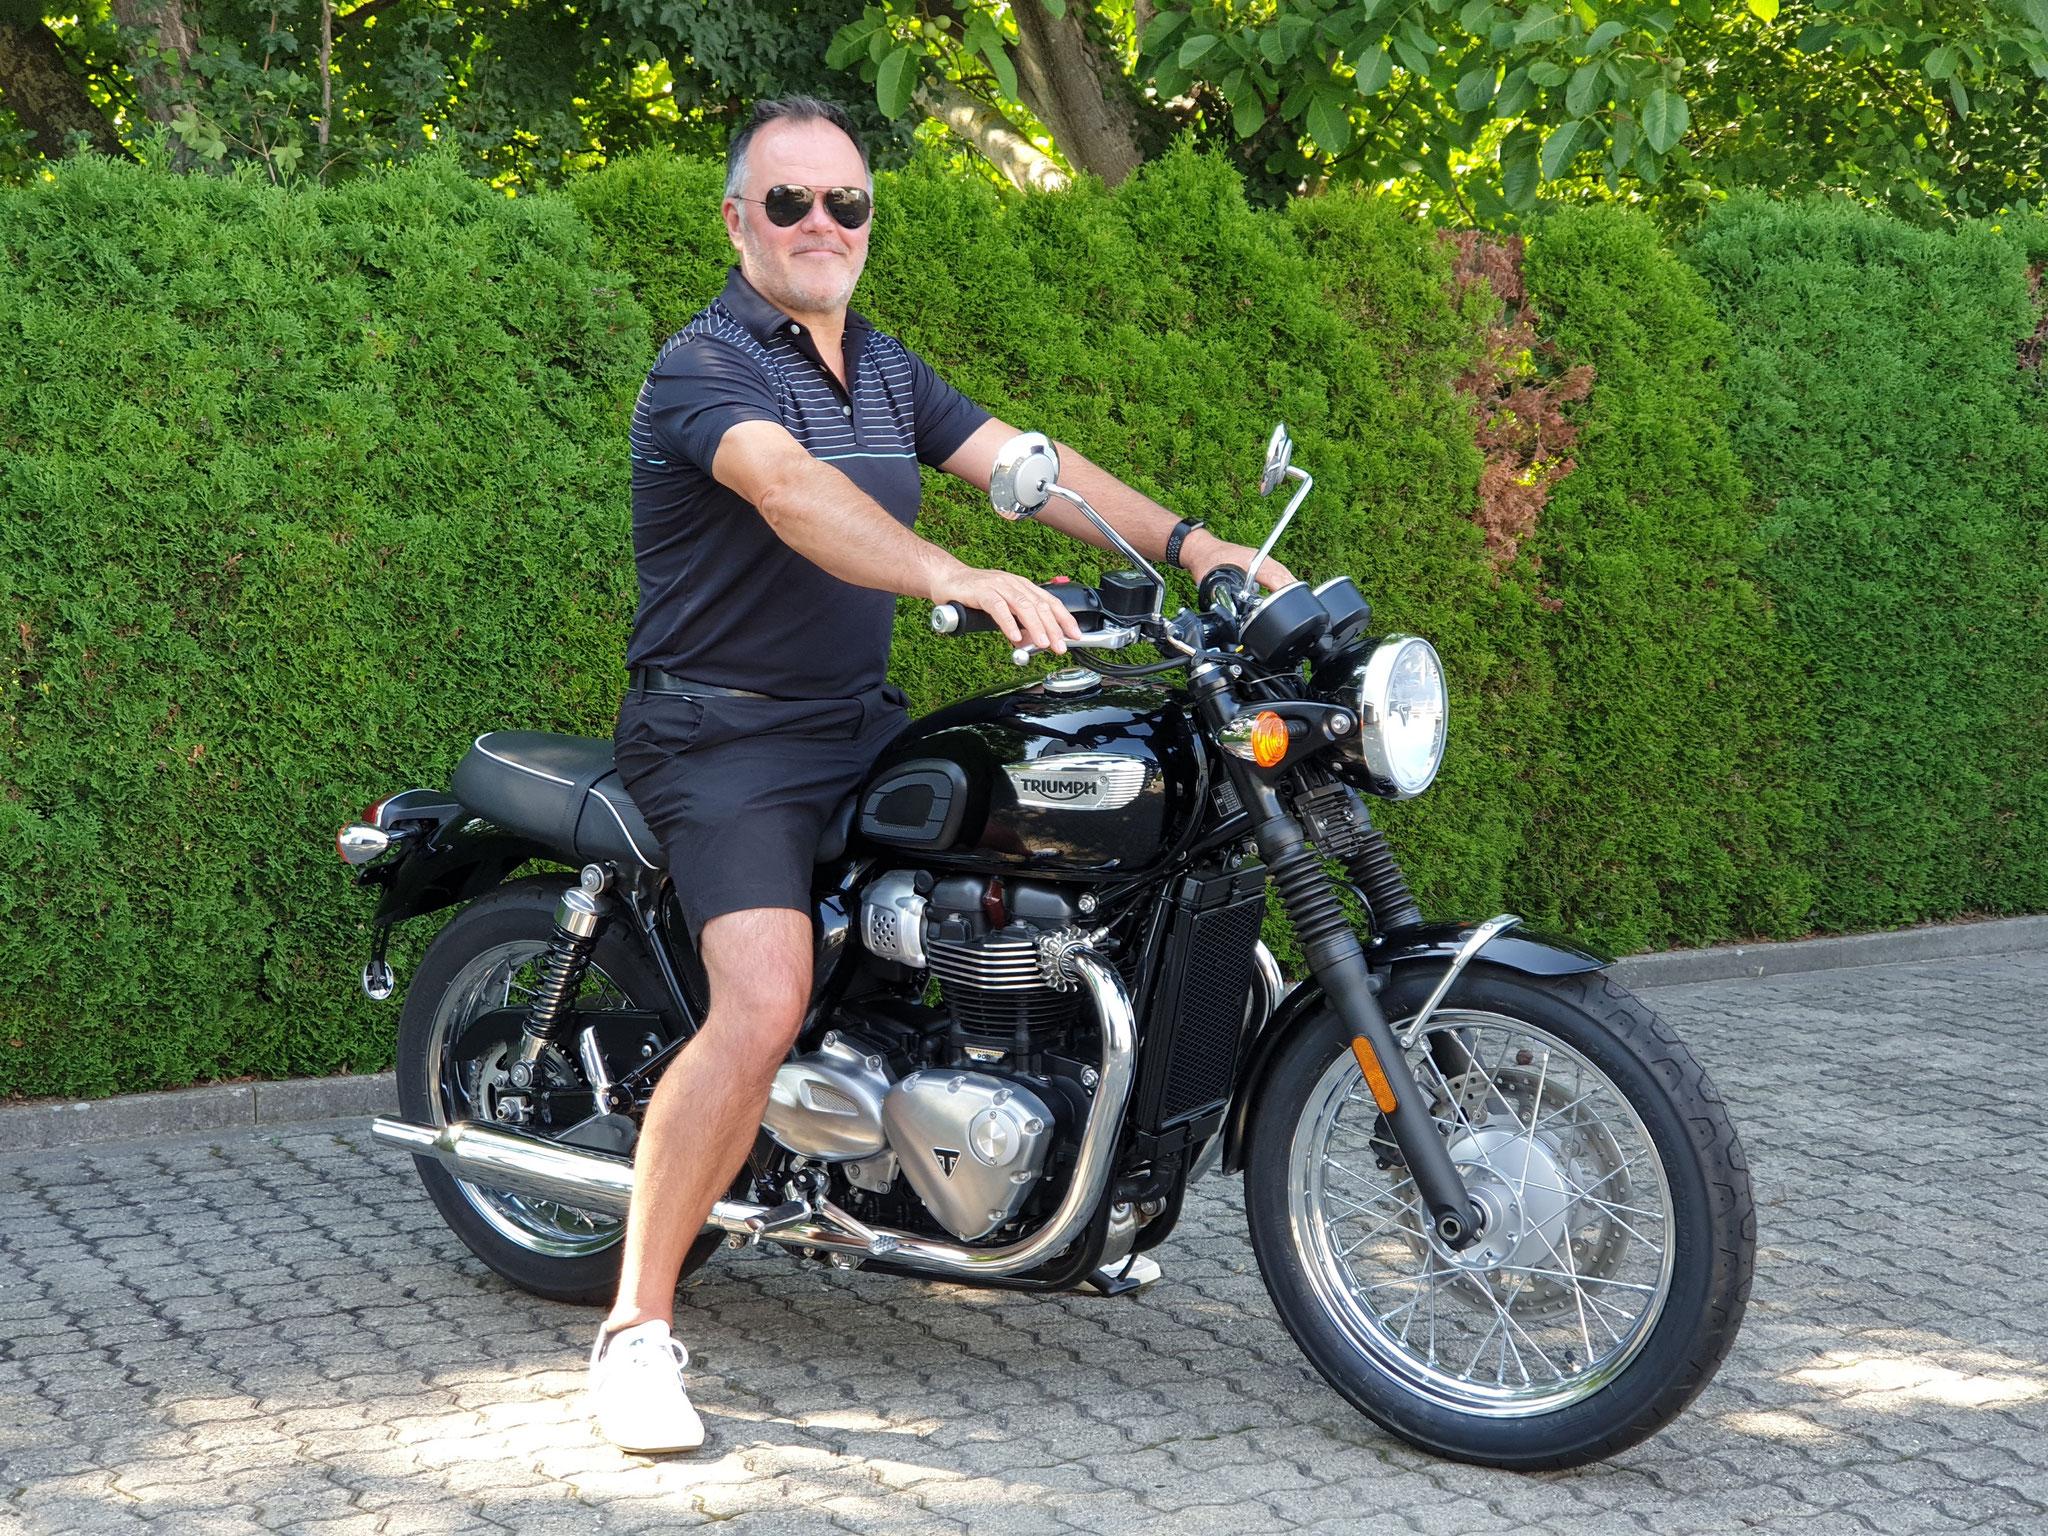 Herr Currie aus Malsburg-Marzell mit seiner neuen TRIUMPH T100 (Copyright: Herr Currie)